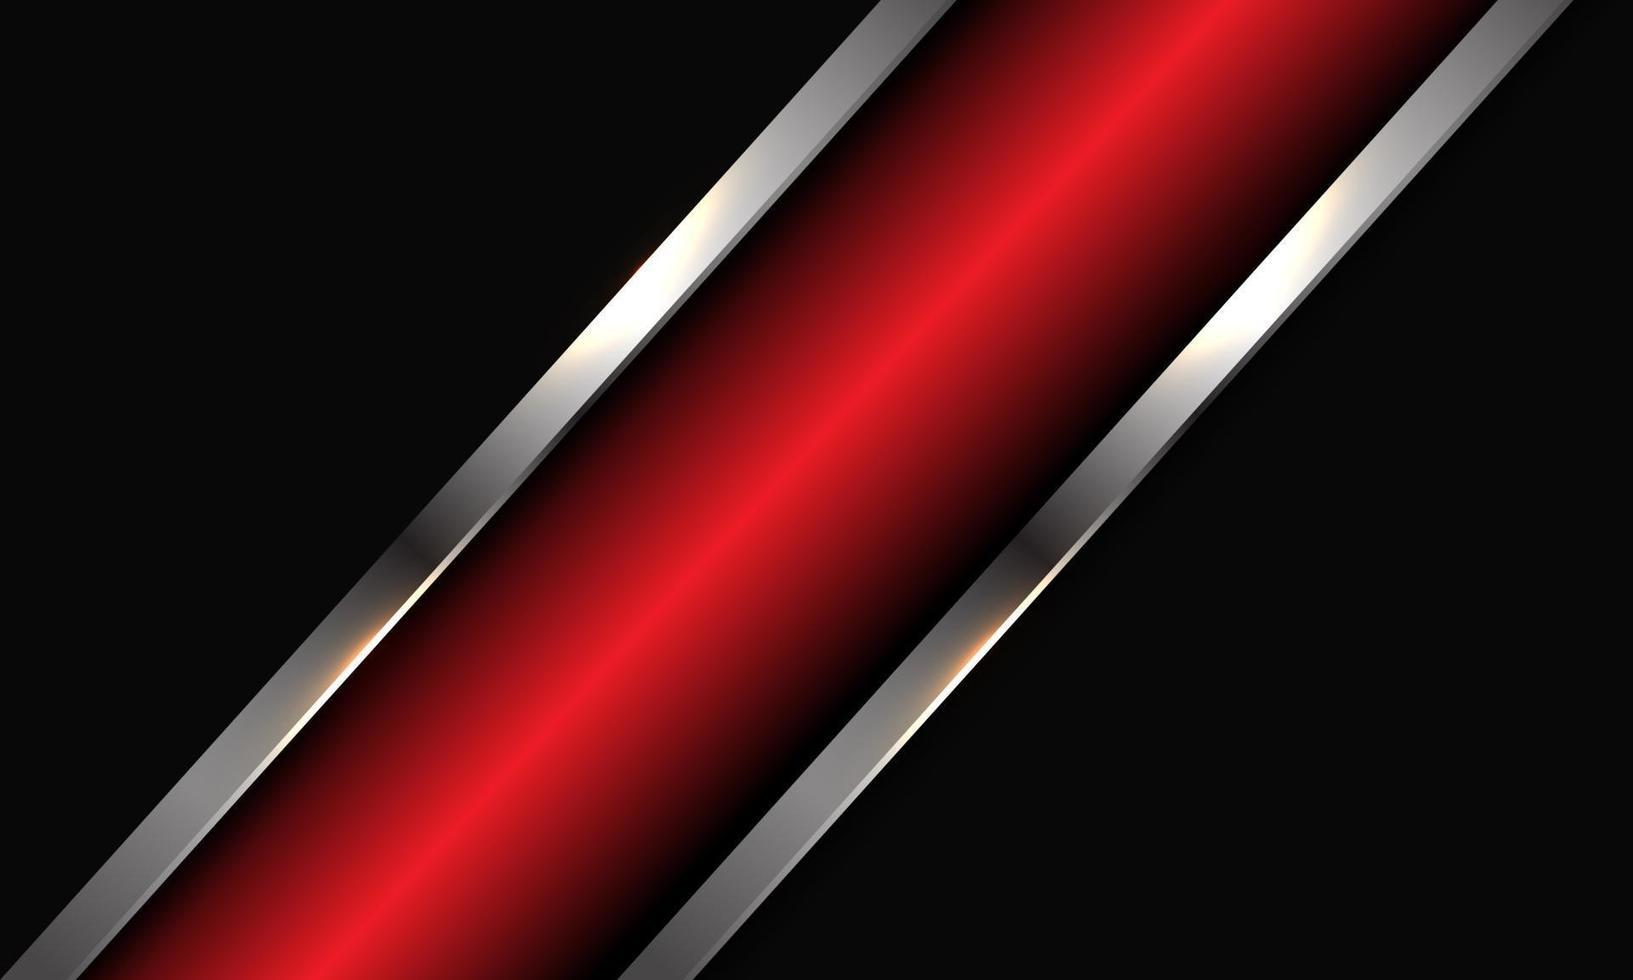 abstracte rode metallic zilveren lijn schuine streep op donkergrijze ontwerp moderne luxe futuristische achtergrond vectorillustratie. vector